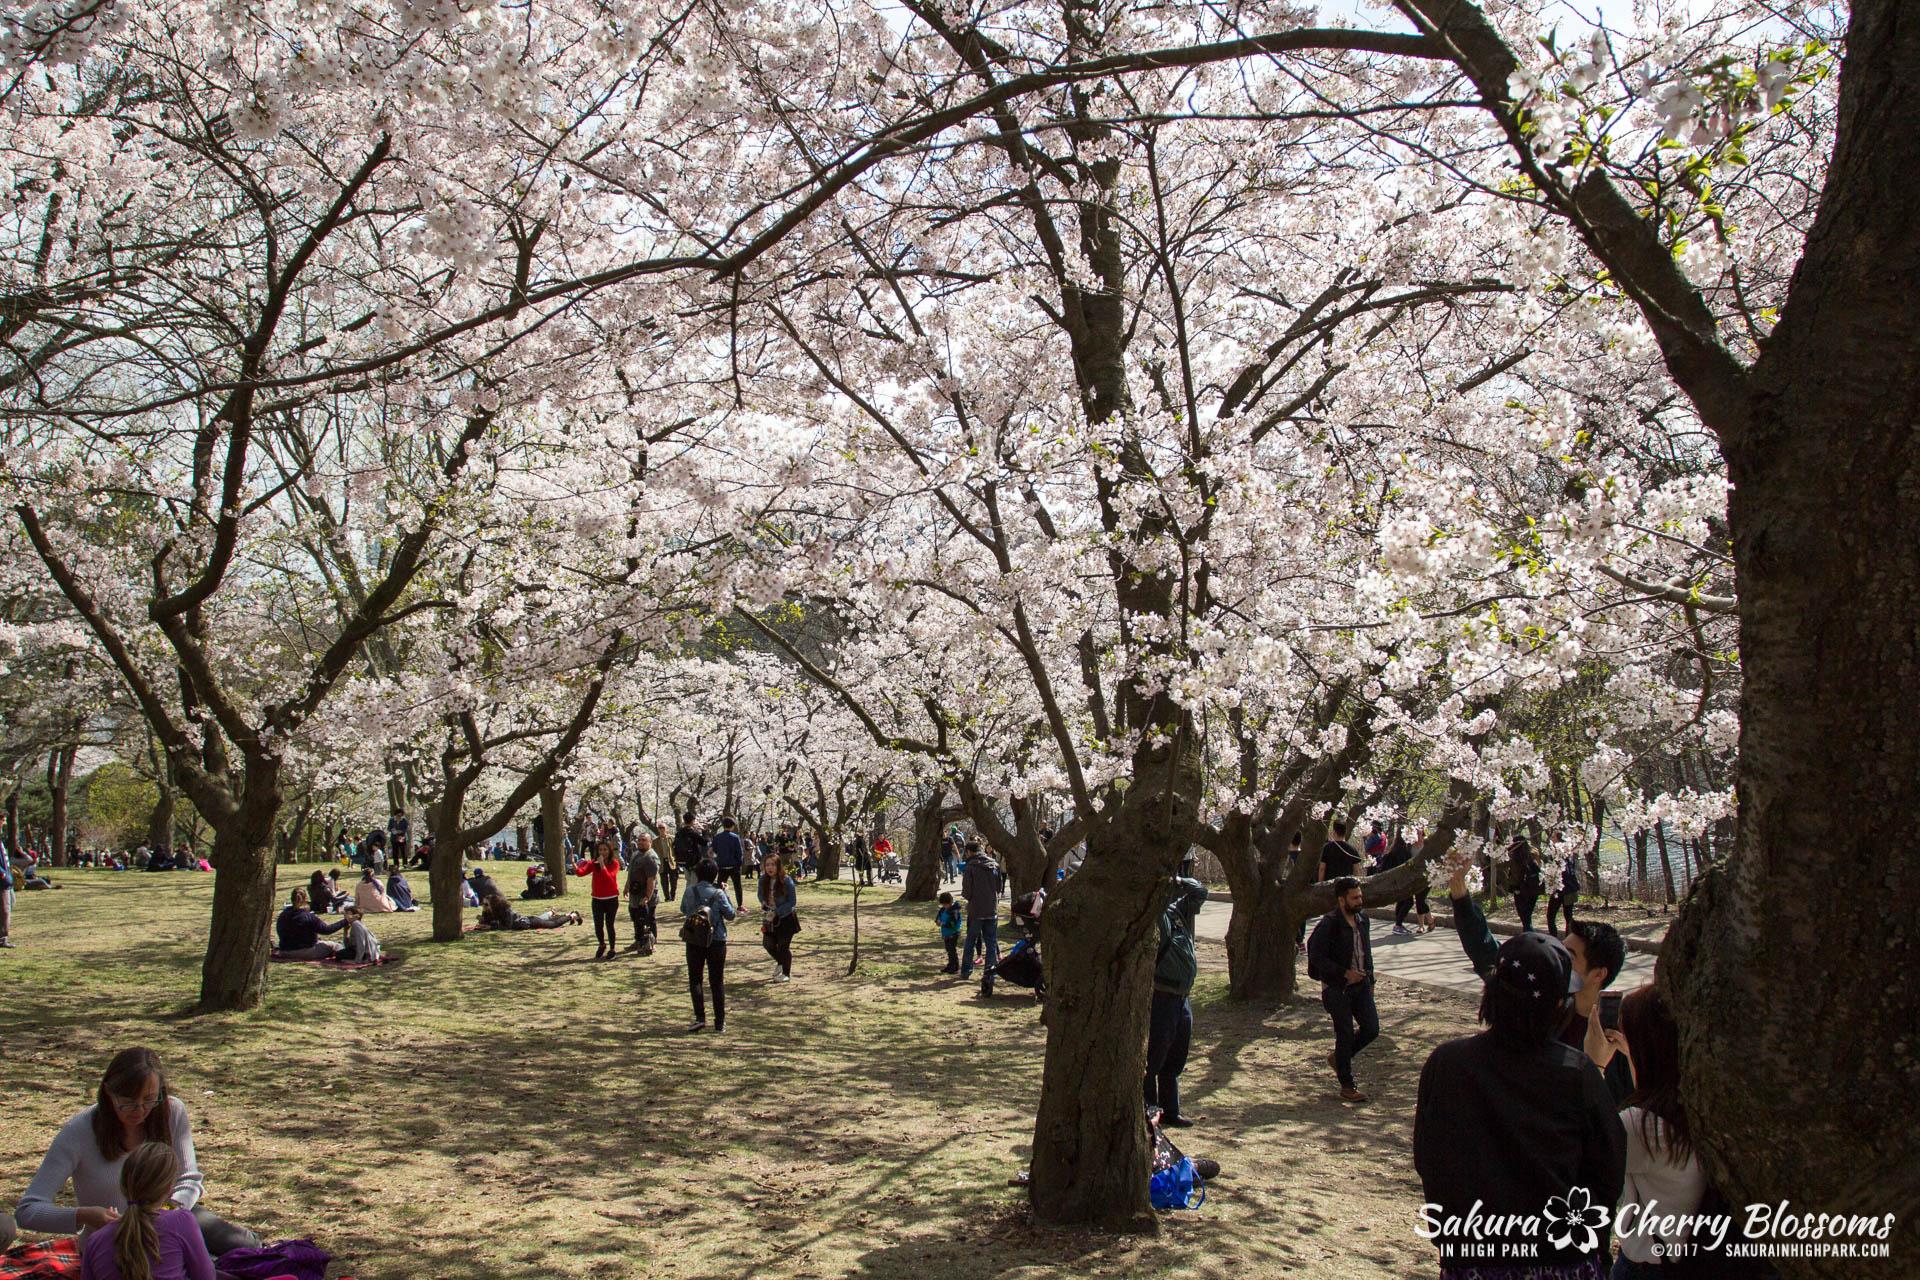 Sakura-Watch-April-28-2017-full-bloom-throughout-High-Park-5704.jpg